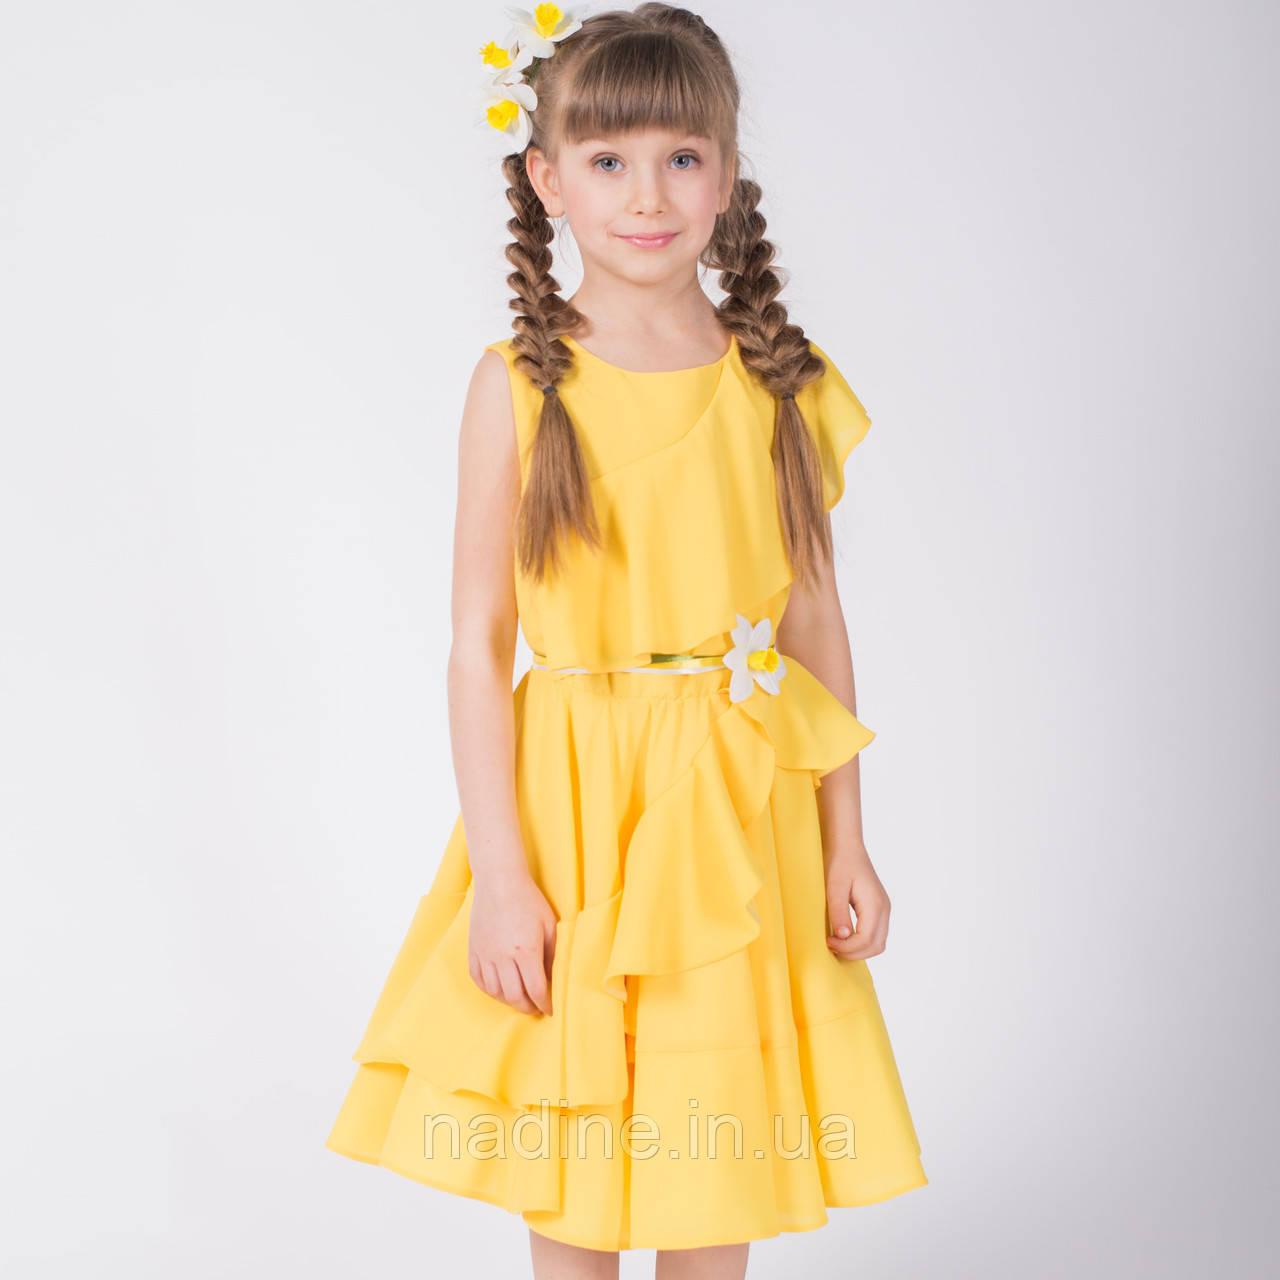 Шифоновое платье Yellow Narcissus Eirena Nadine (133-22) на девочку рост 122 Жёлтое